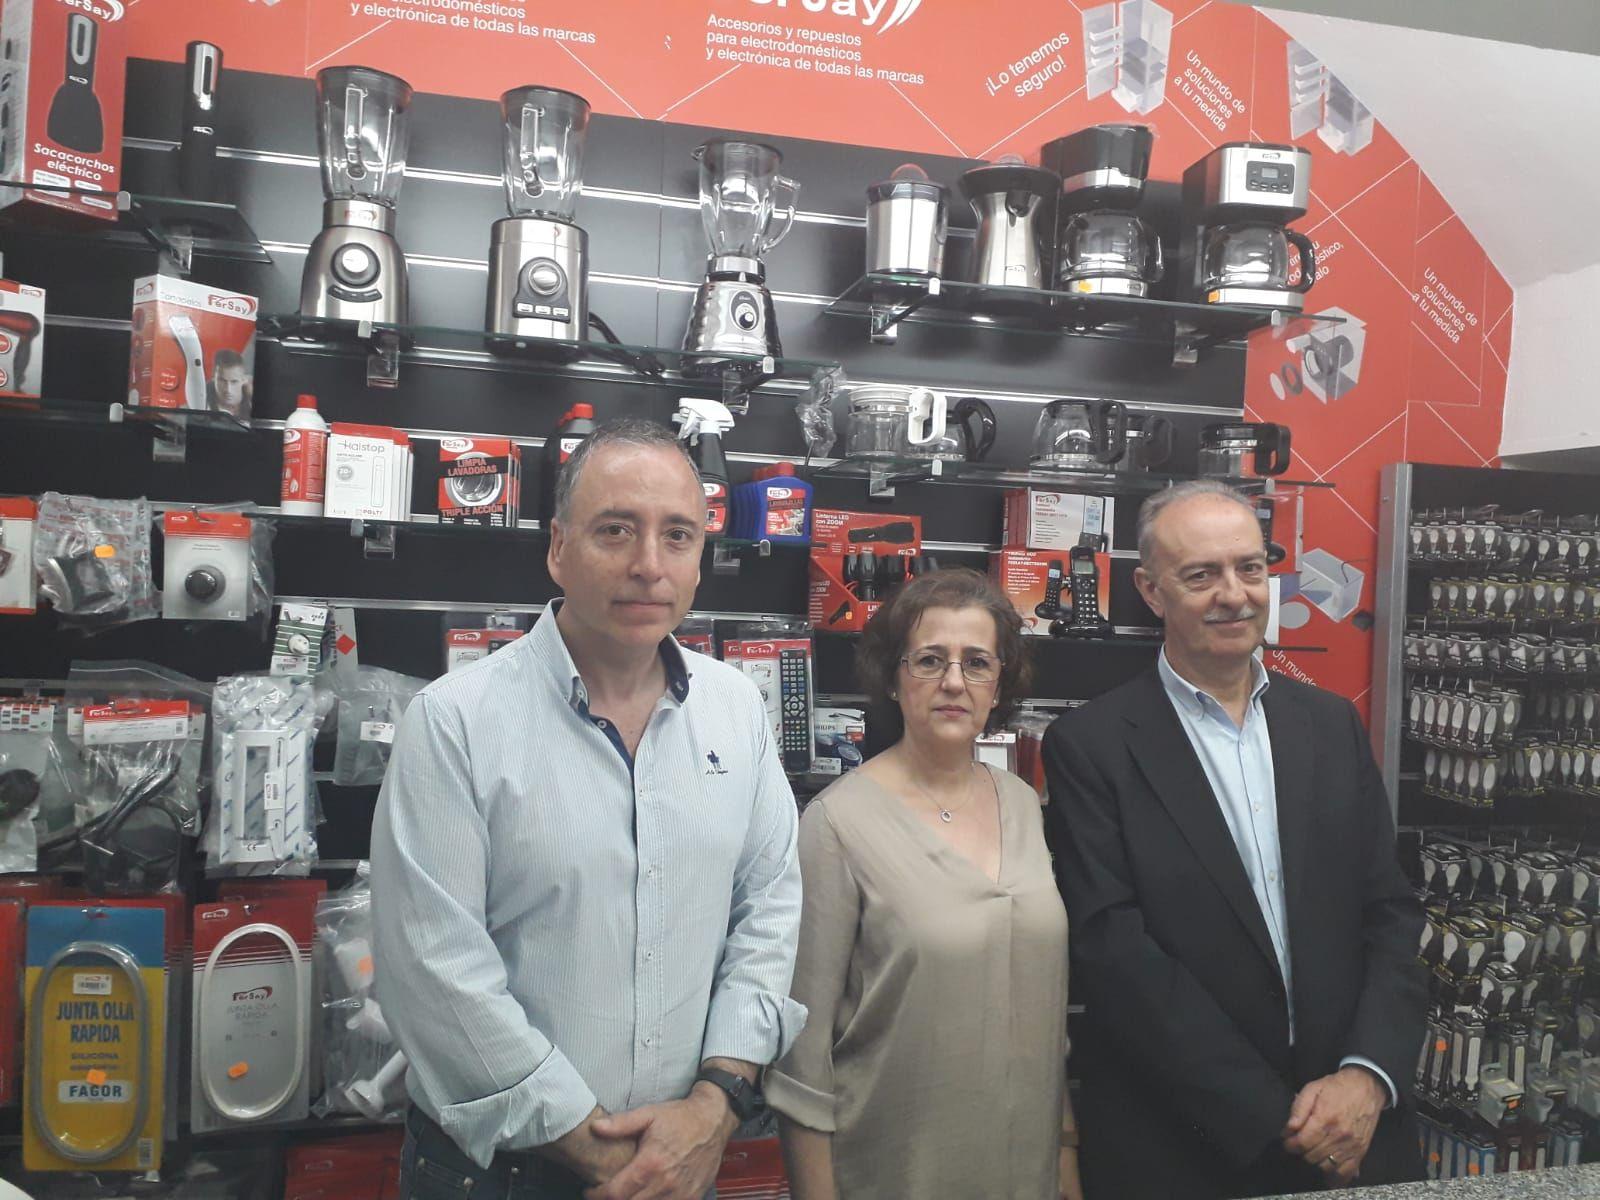 Fersay inaugura un nuevo corner en Villafranca de los Barros, Badajoz